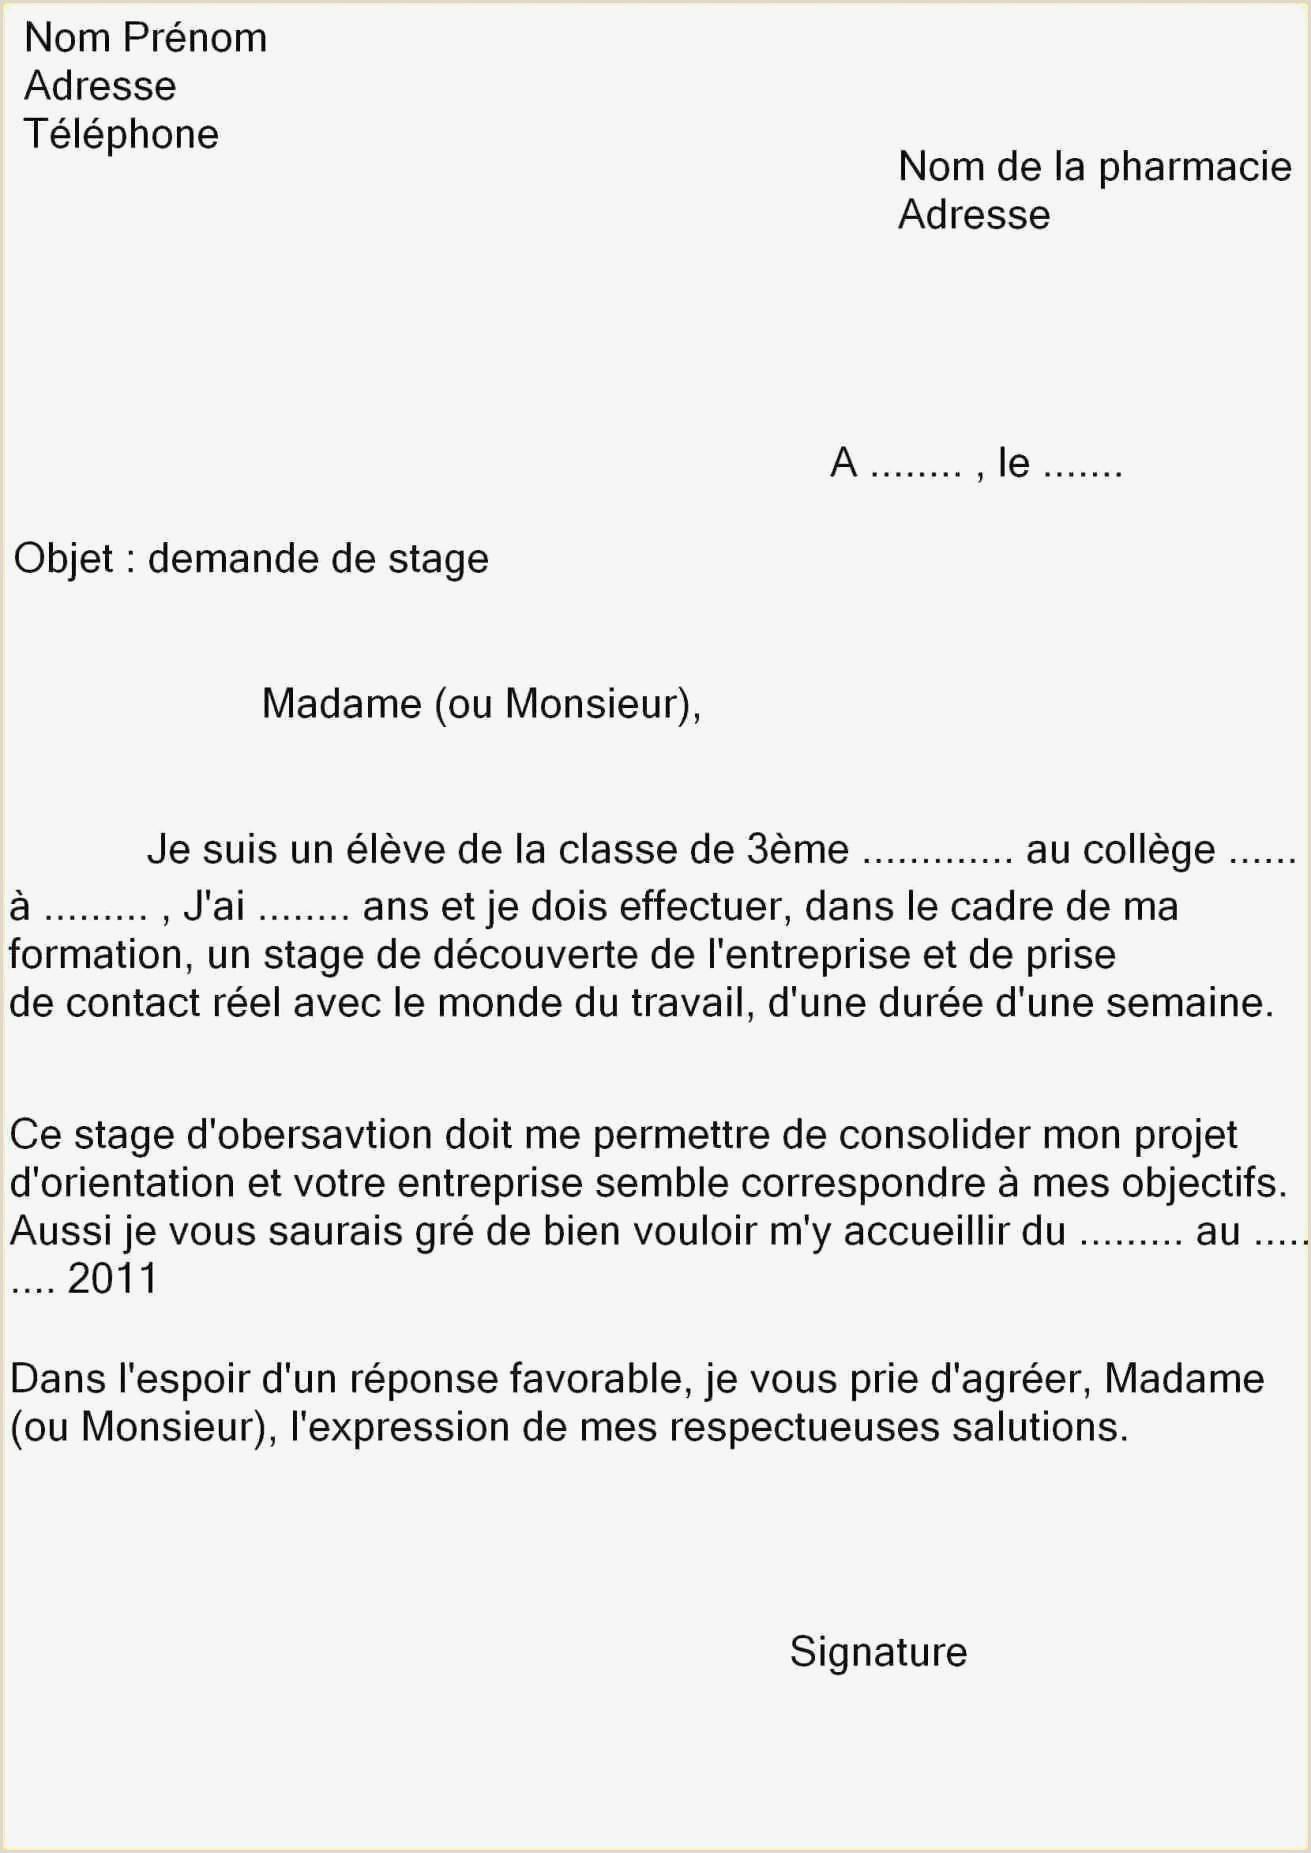 Pharmacy Cv Examples Lettre De Motivation Pour Une Emploi Professionnel Cv